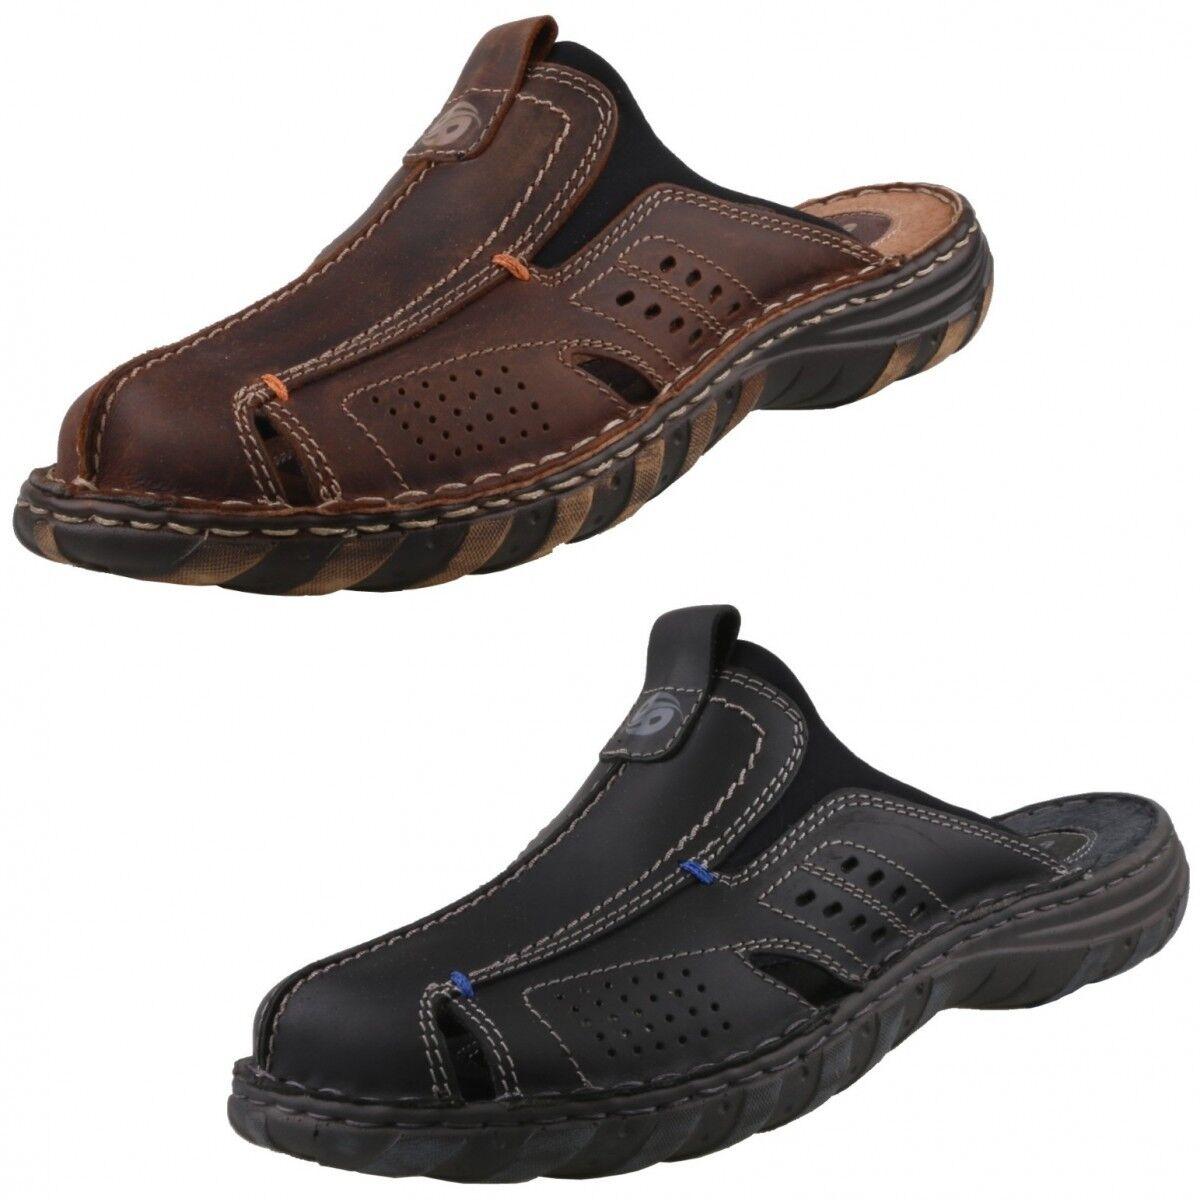 Neu DOCKERS Sandalen CLOGS Herren-Schuhe Pantoletten Sandalen DOCKERS HerrenSandale Sabot Leder ba4443